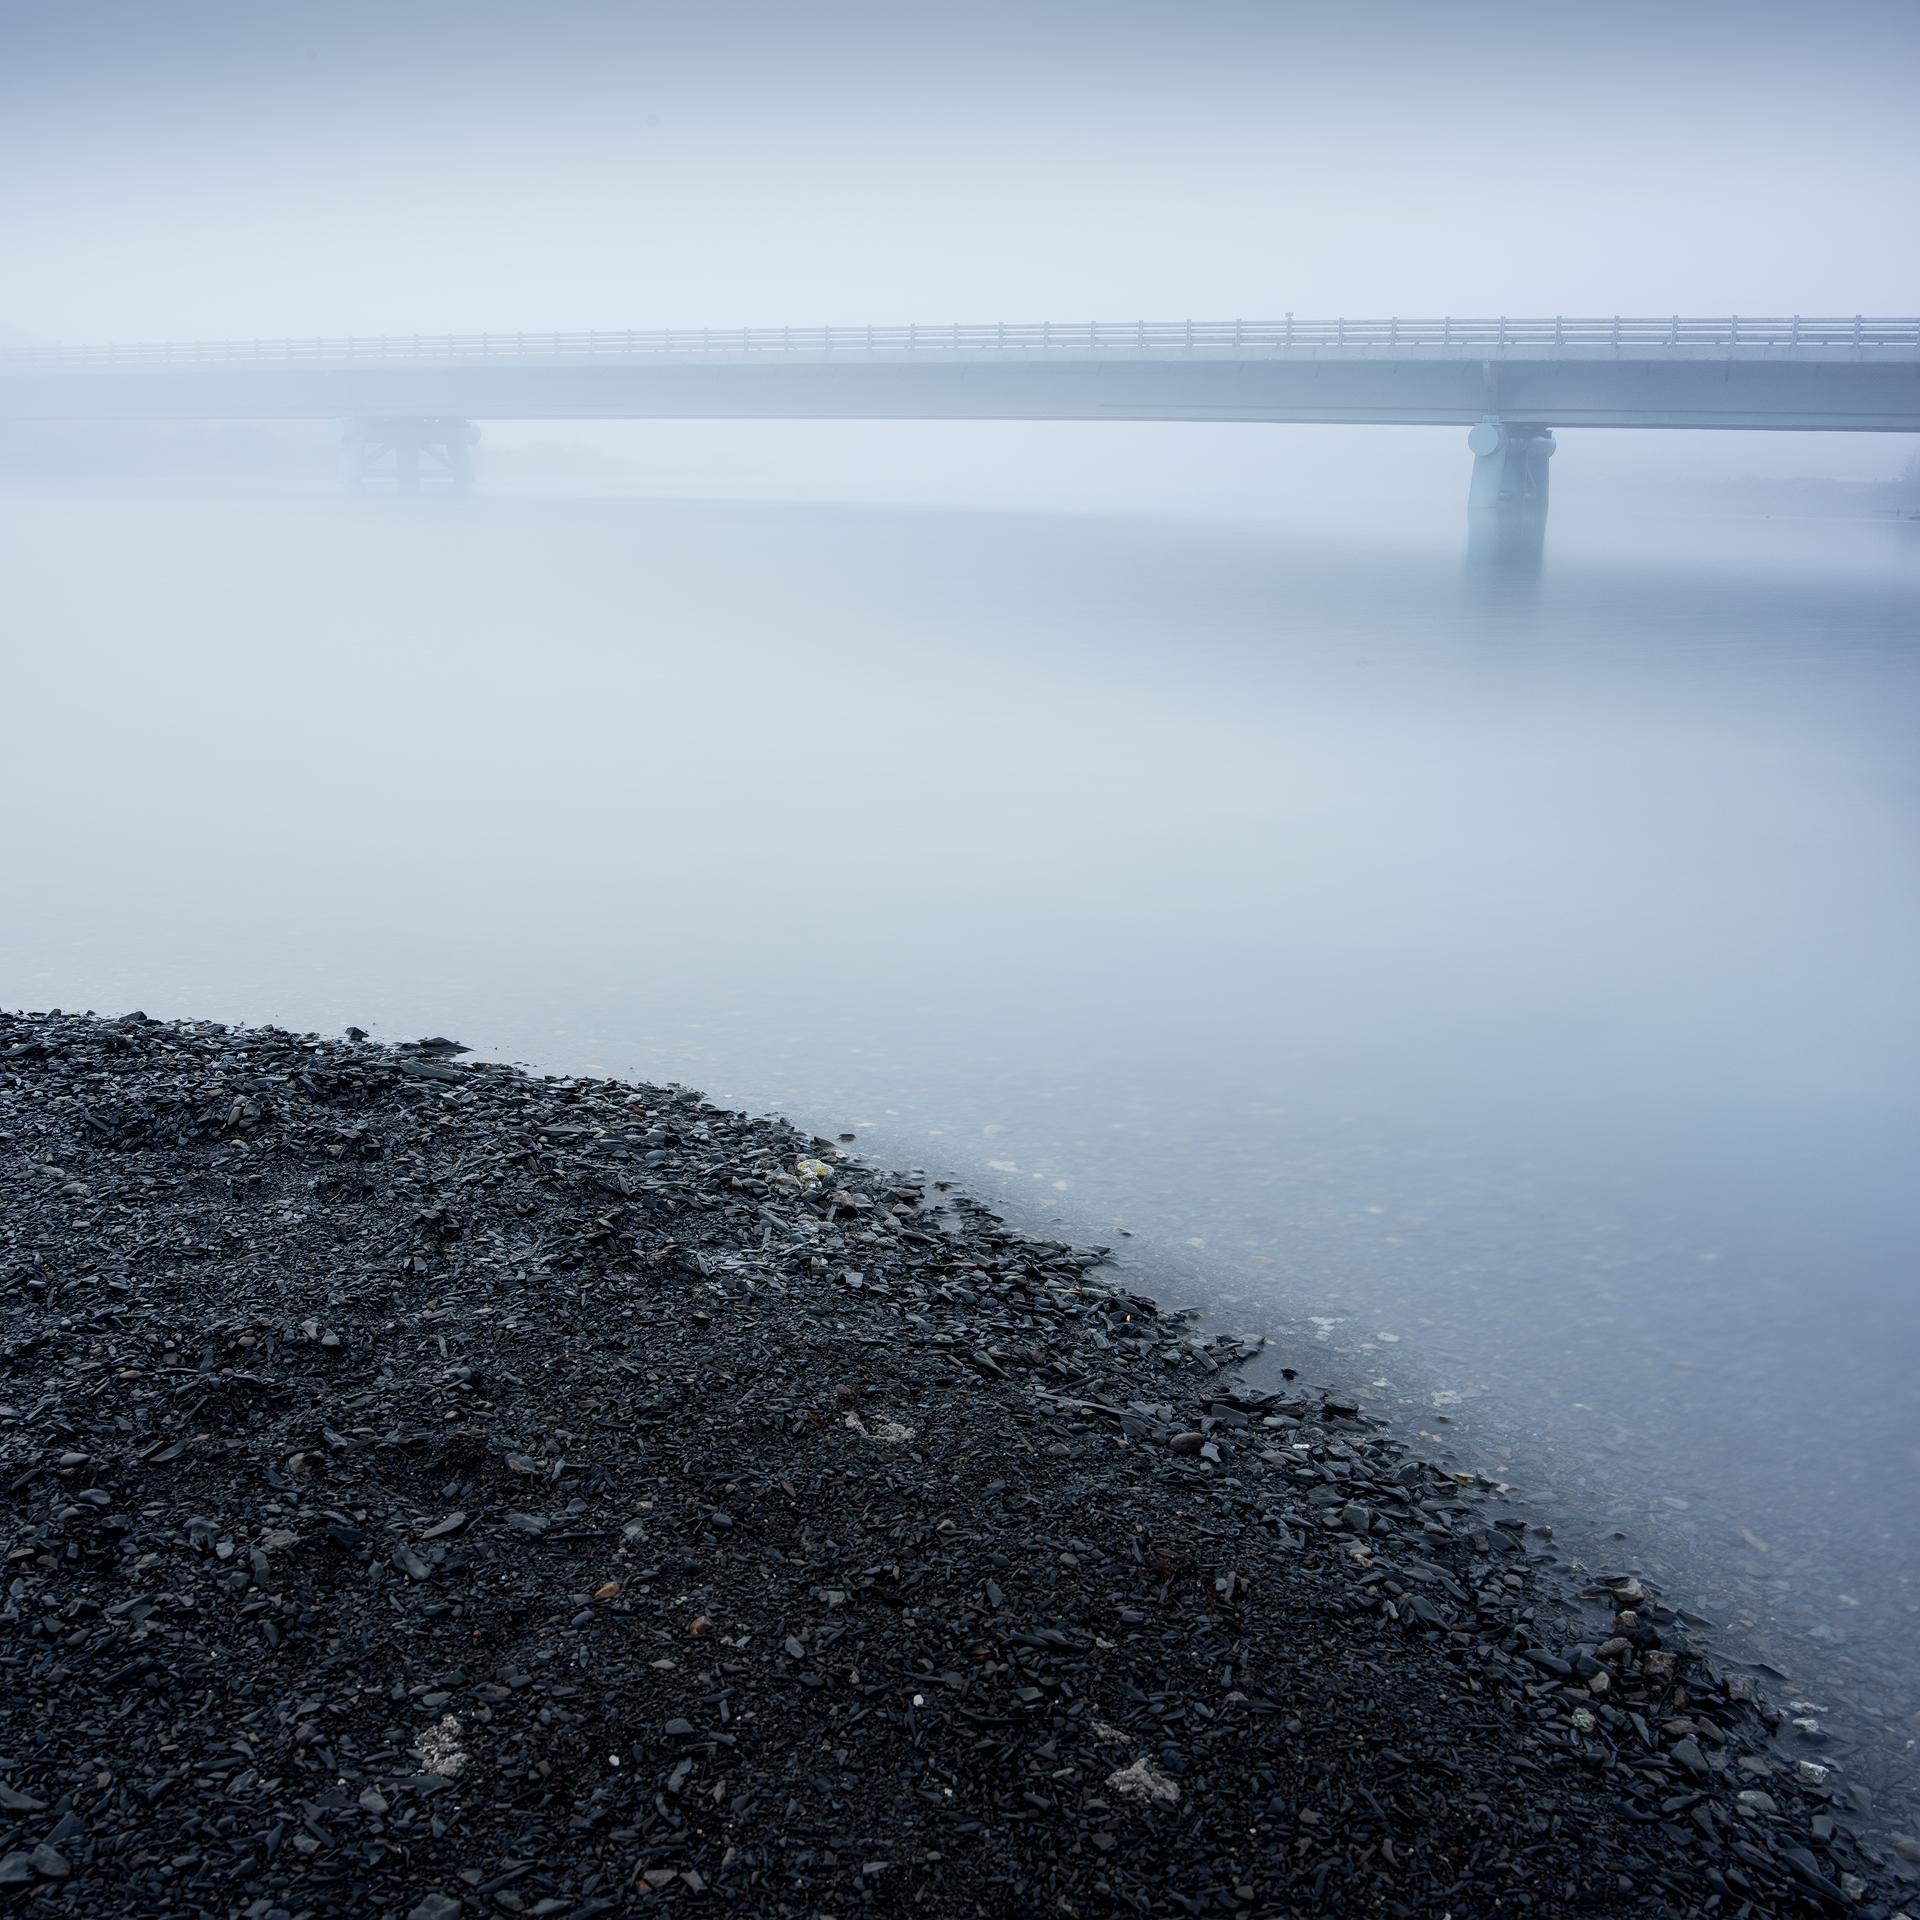 Bridge in mist - Lago Pahoe, Torres del Paine, Patagonia